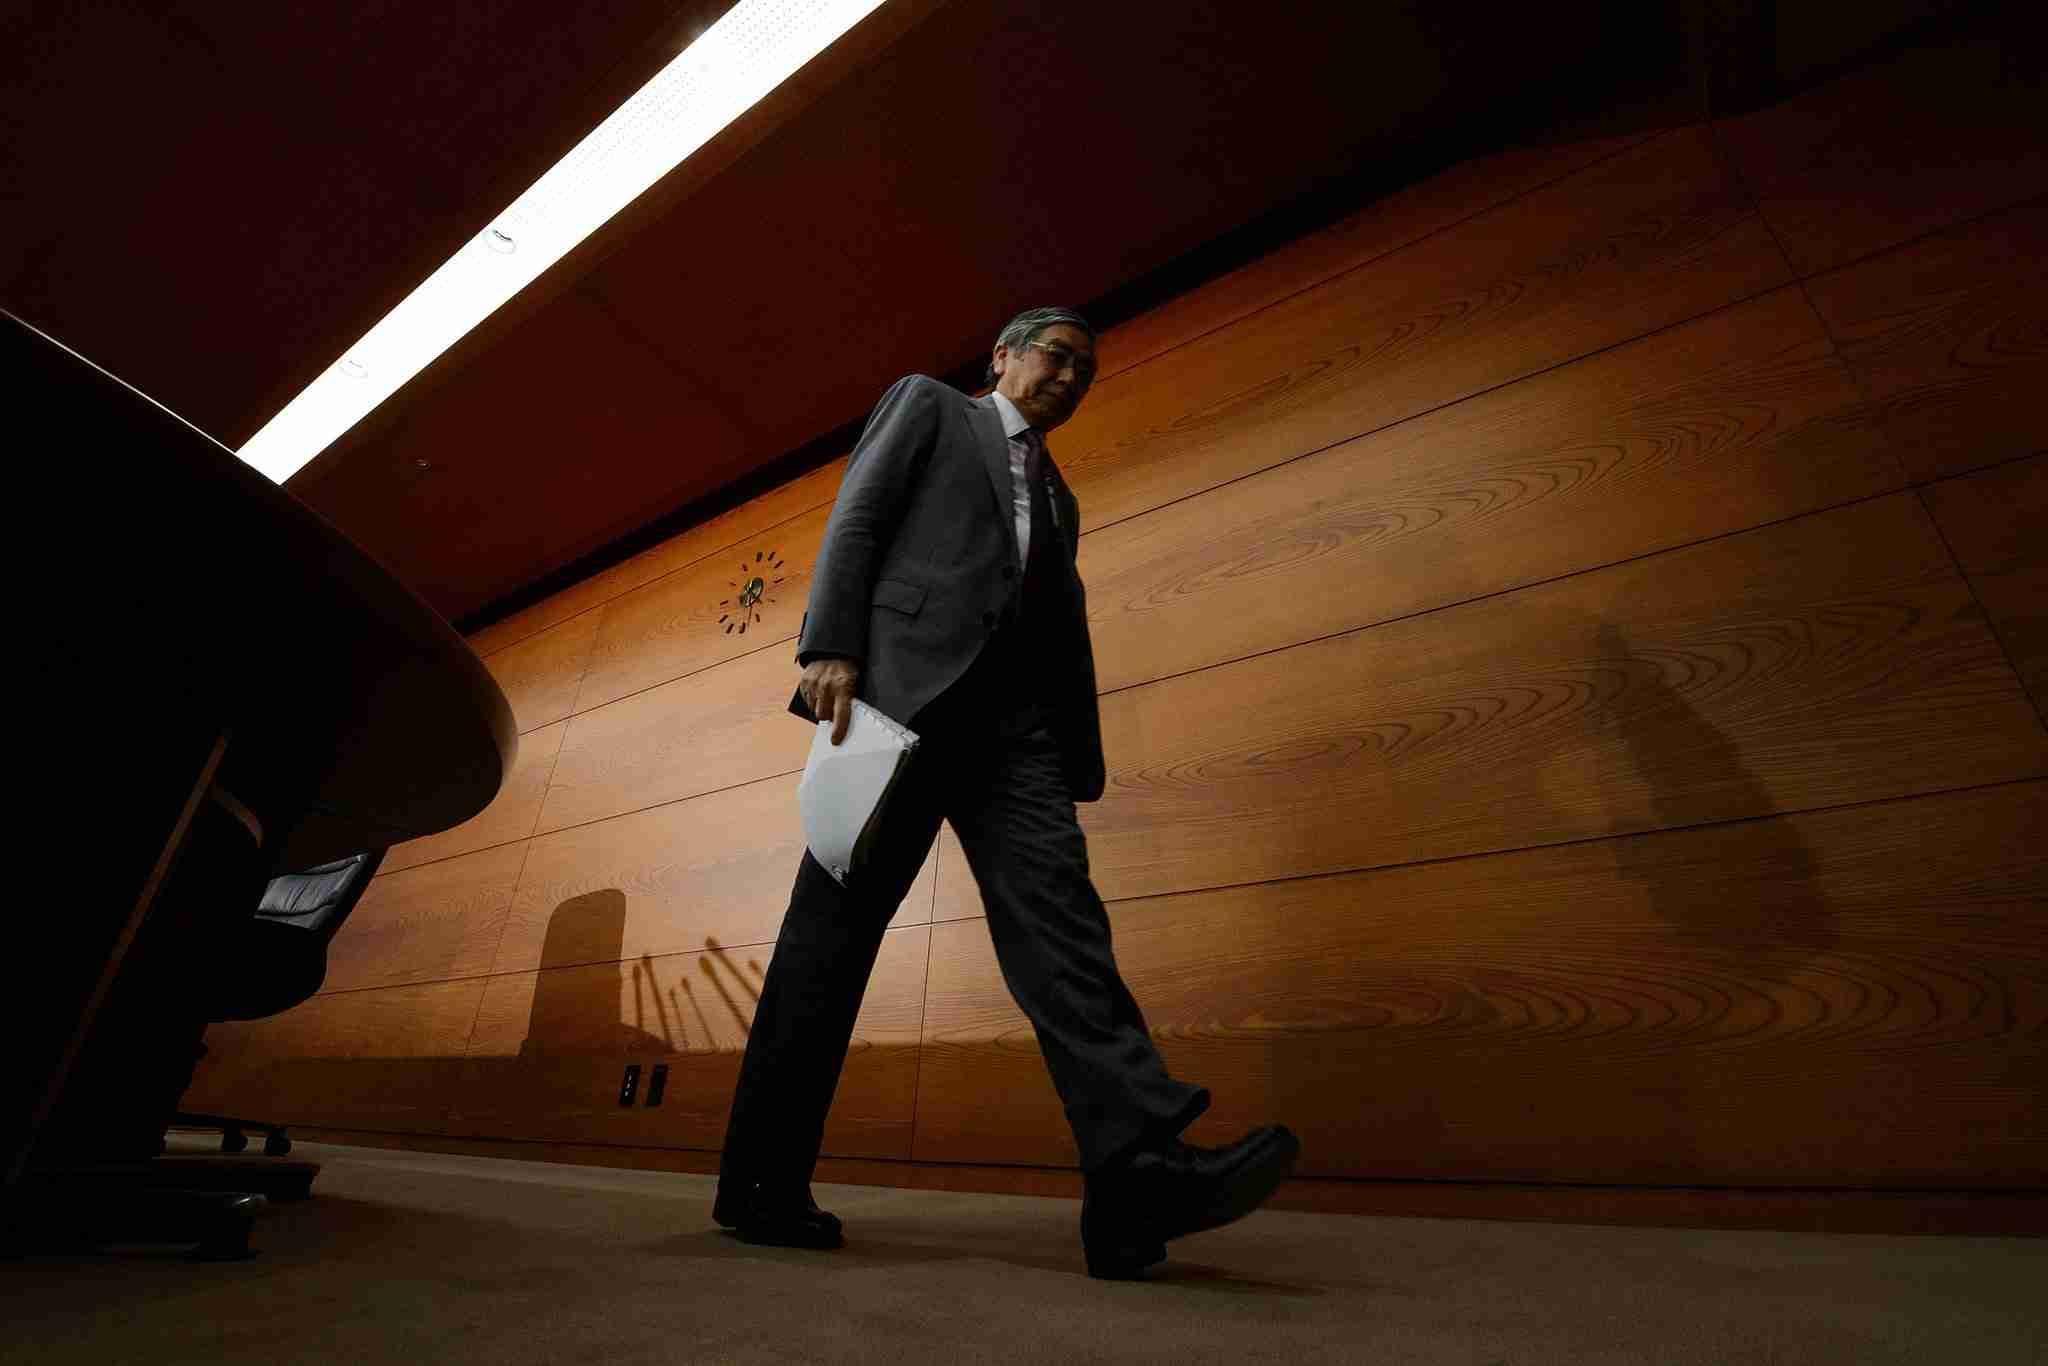 日銀:金融政策は8対1で現状維持、緩和不十分と片岡氏が反対 - Bloomberg